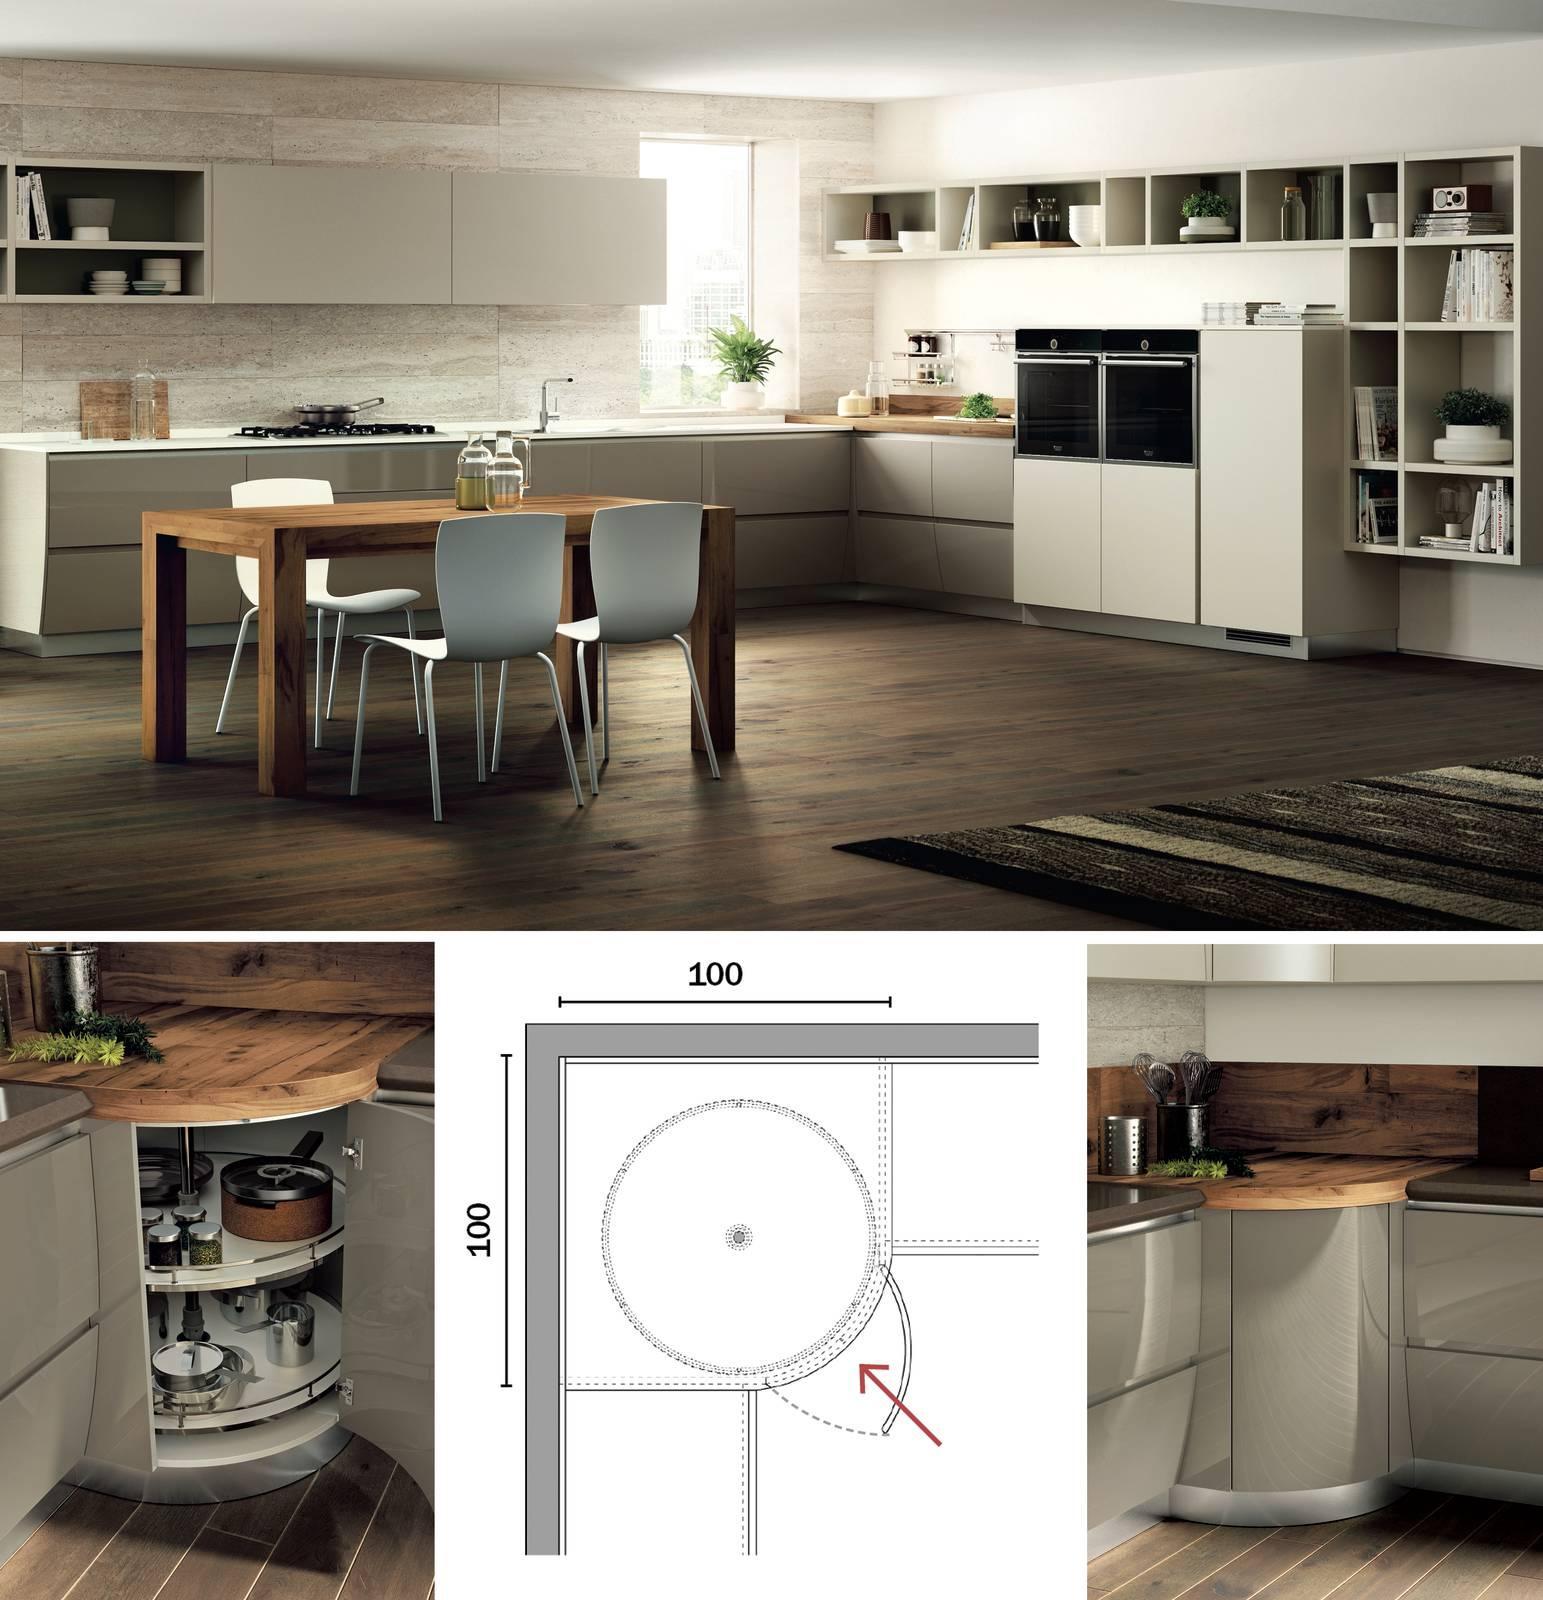 Immagini Cucine Ad Angolo cucine ad angolo ben sfruttate - cose di casa